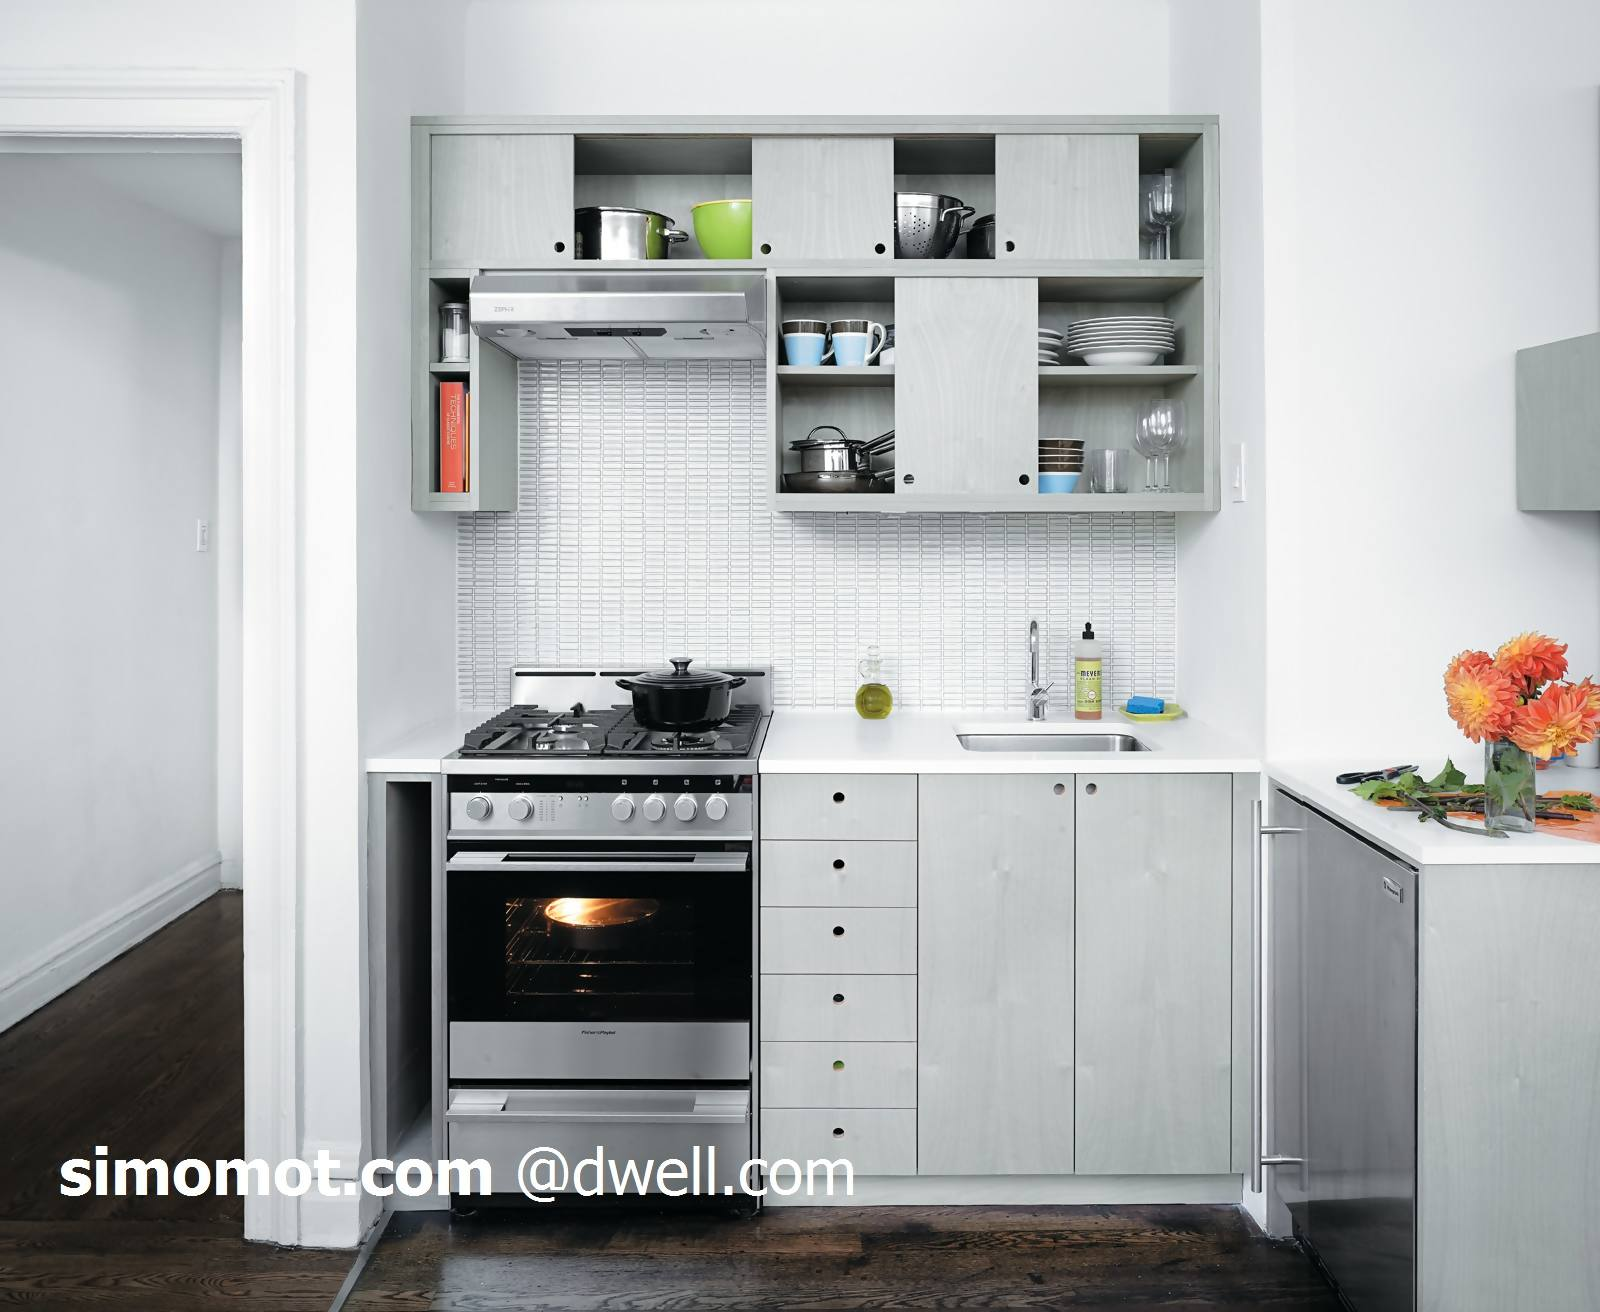 Desain Dapur Kecil Minimalis Sebuah Apartemen Tenang Dan Keren